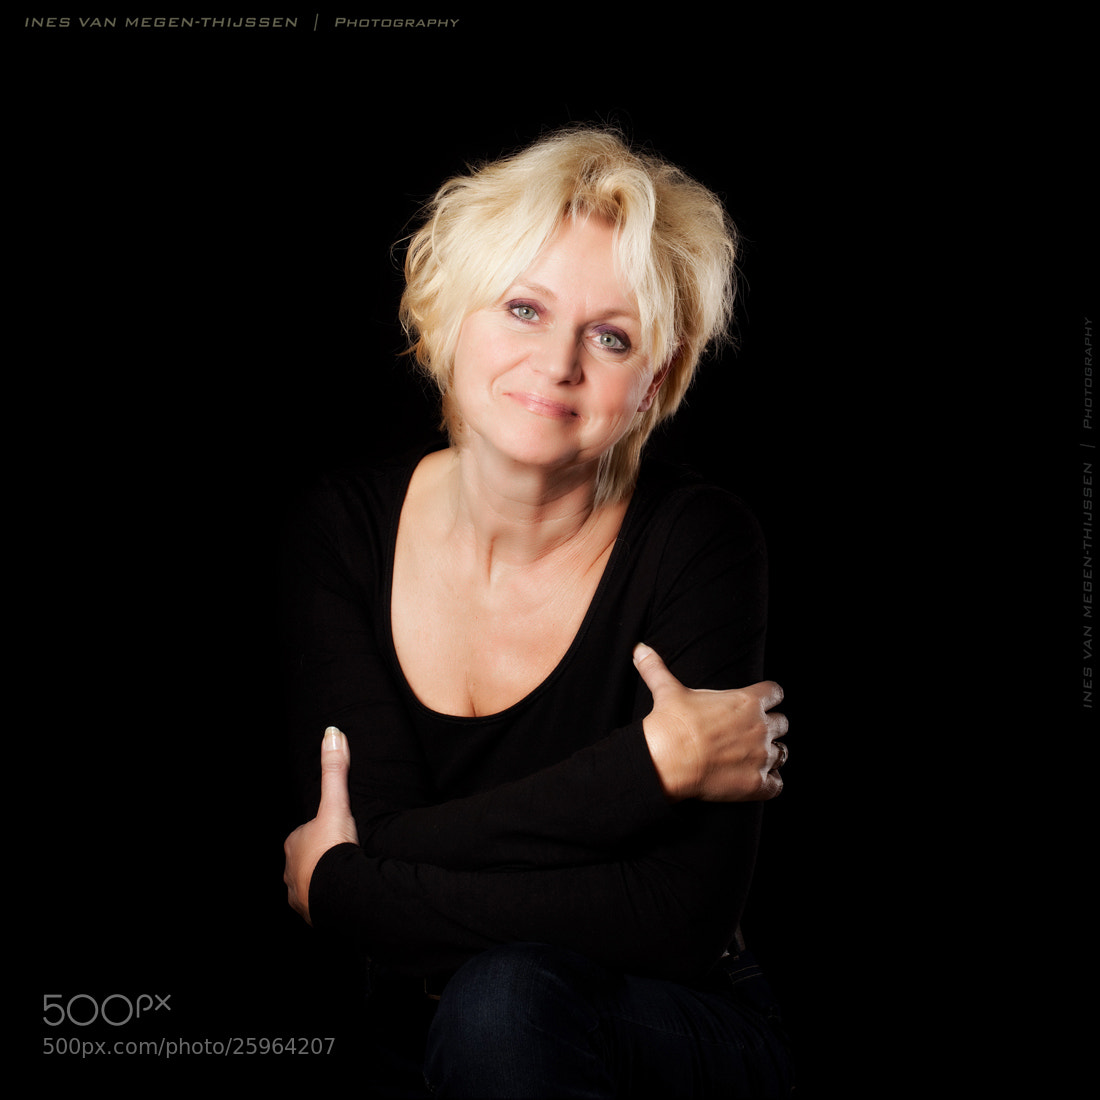 Photograph Inner beauty  by Ines van Megen-Thijssen on 500px